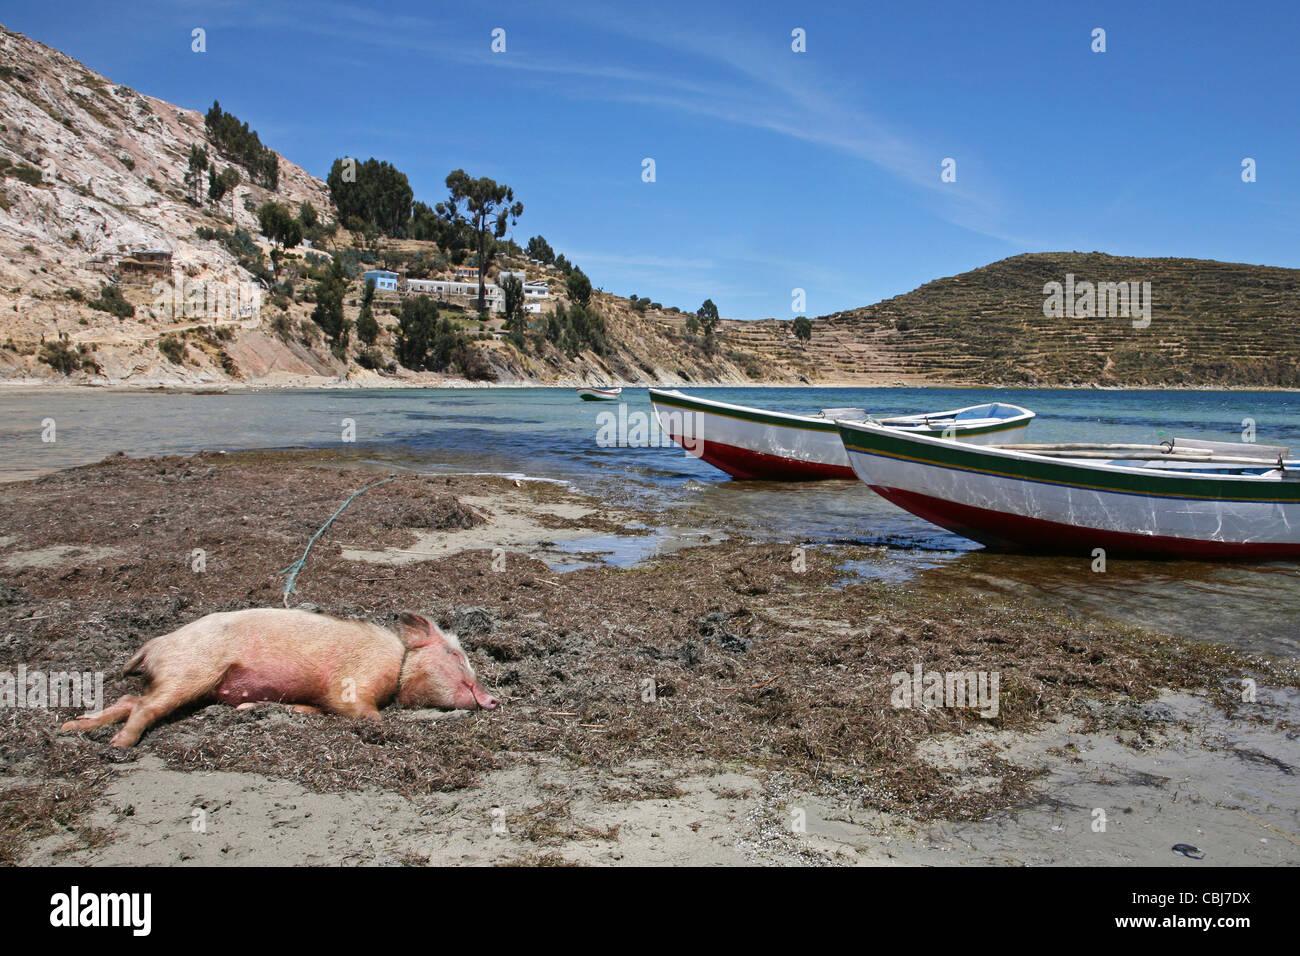 Les bateaux de pêche et de dormir sur les rives du lac Titicaca, Isla del Sol, Bolivie Photo Stock